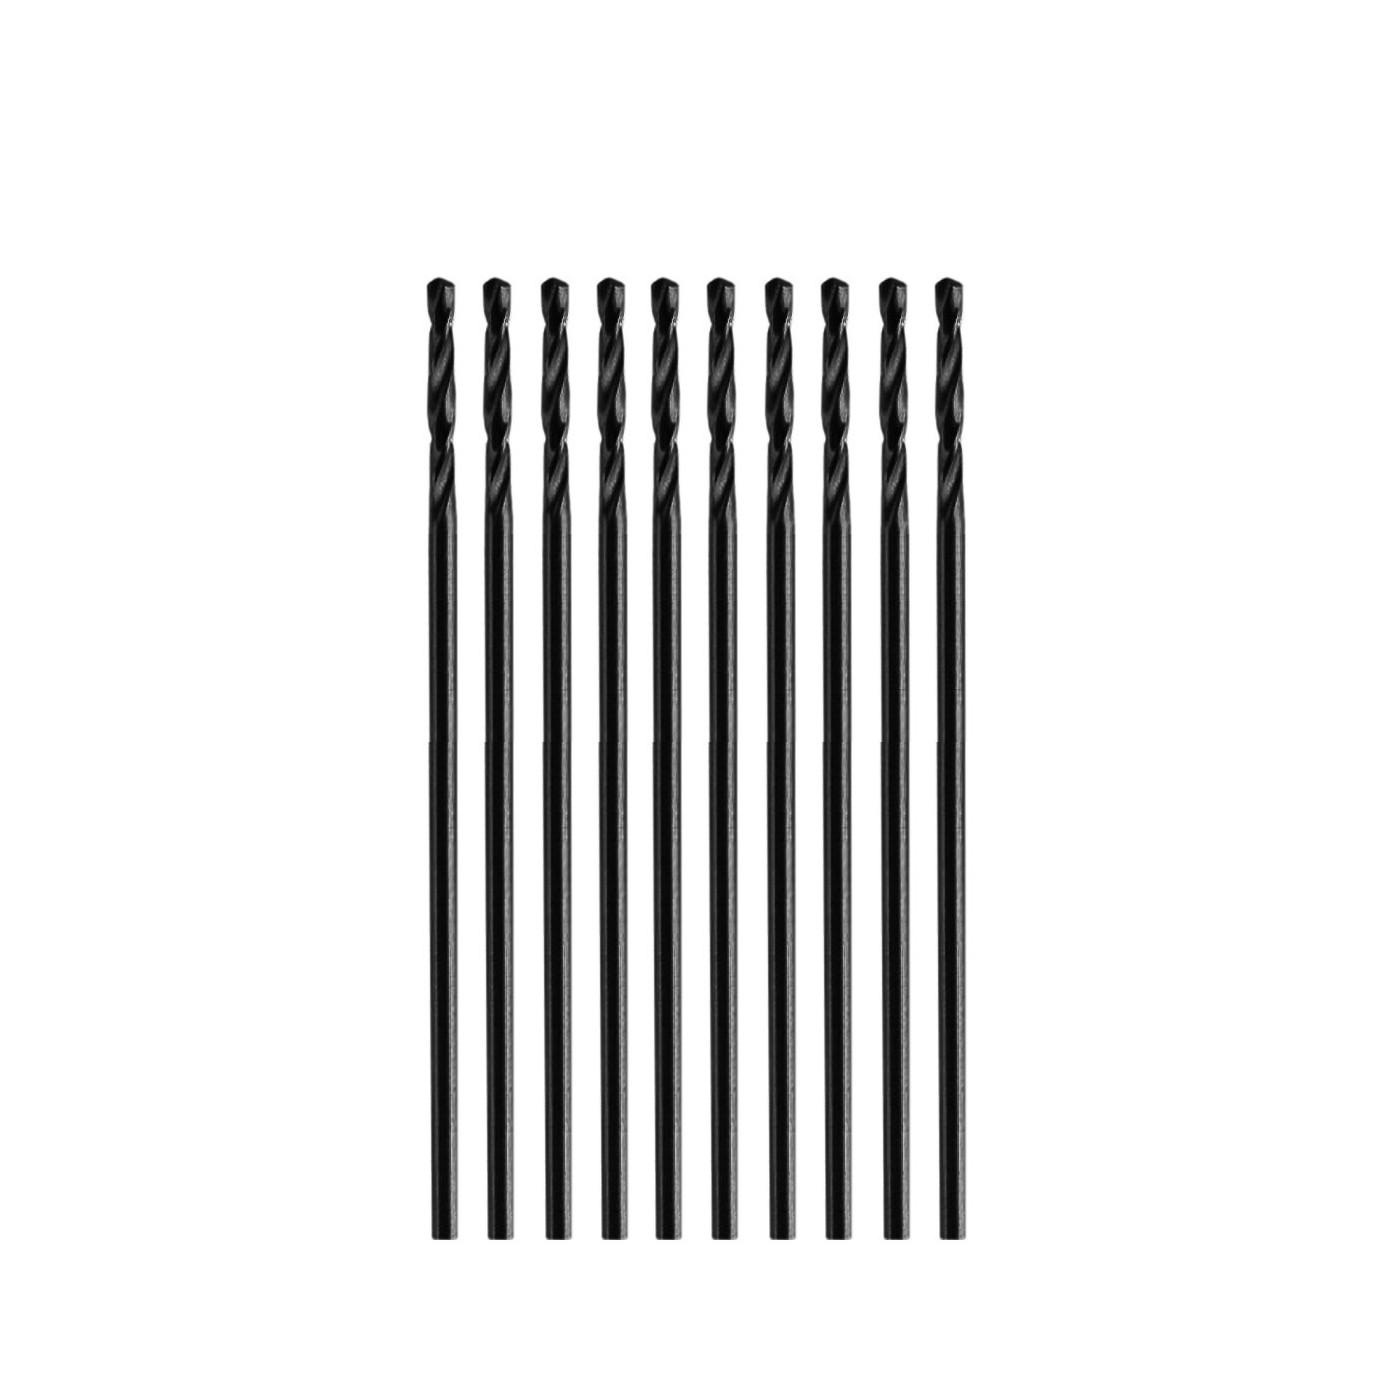 Jeu de 10 petits forets métalliques (1,1x34 mm, HSS)